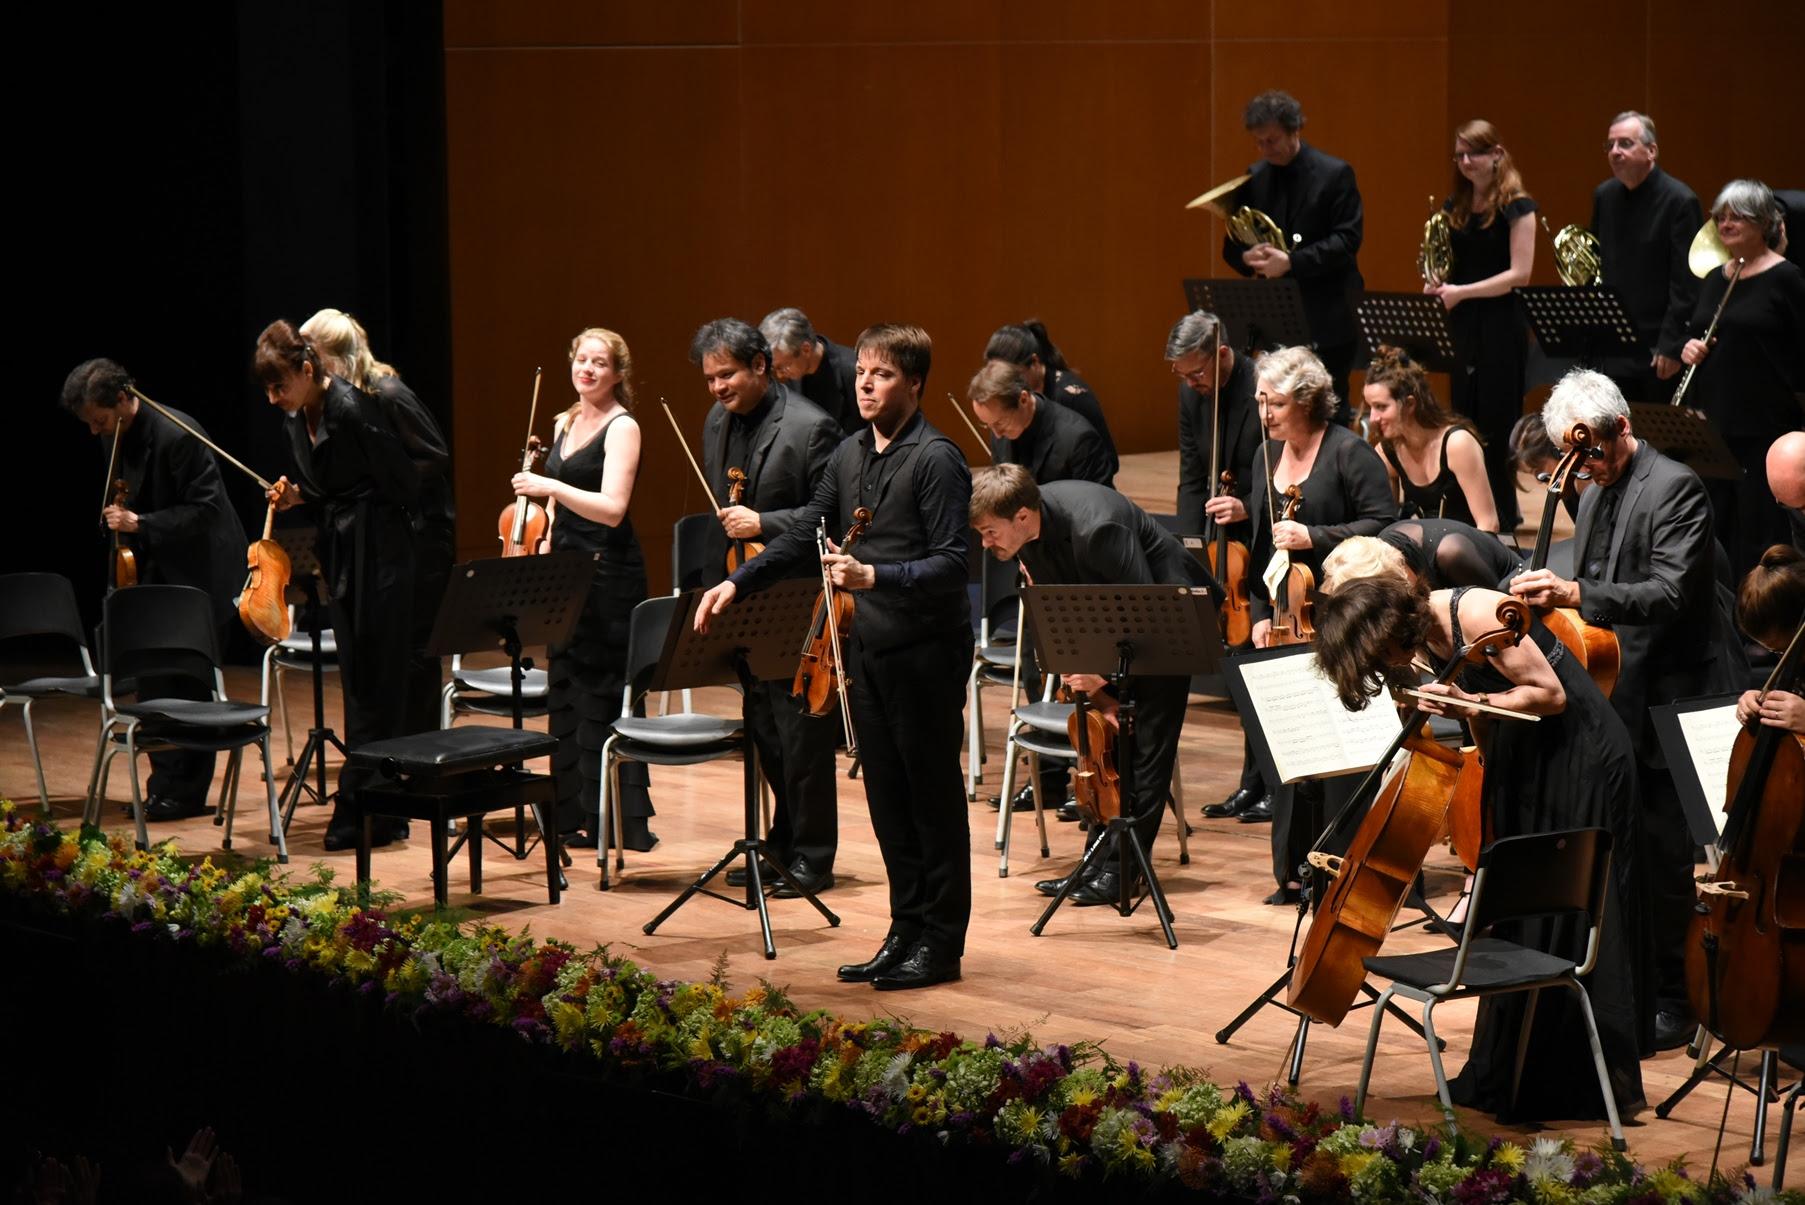 Fotos: Sociedad Filarmónica de Lima